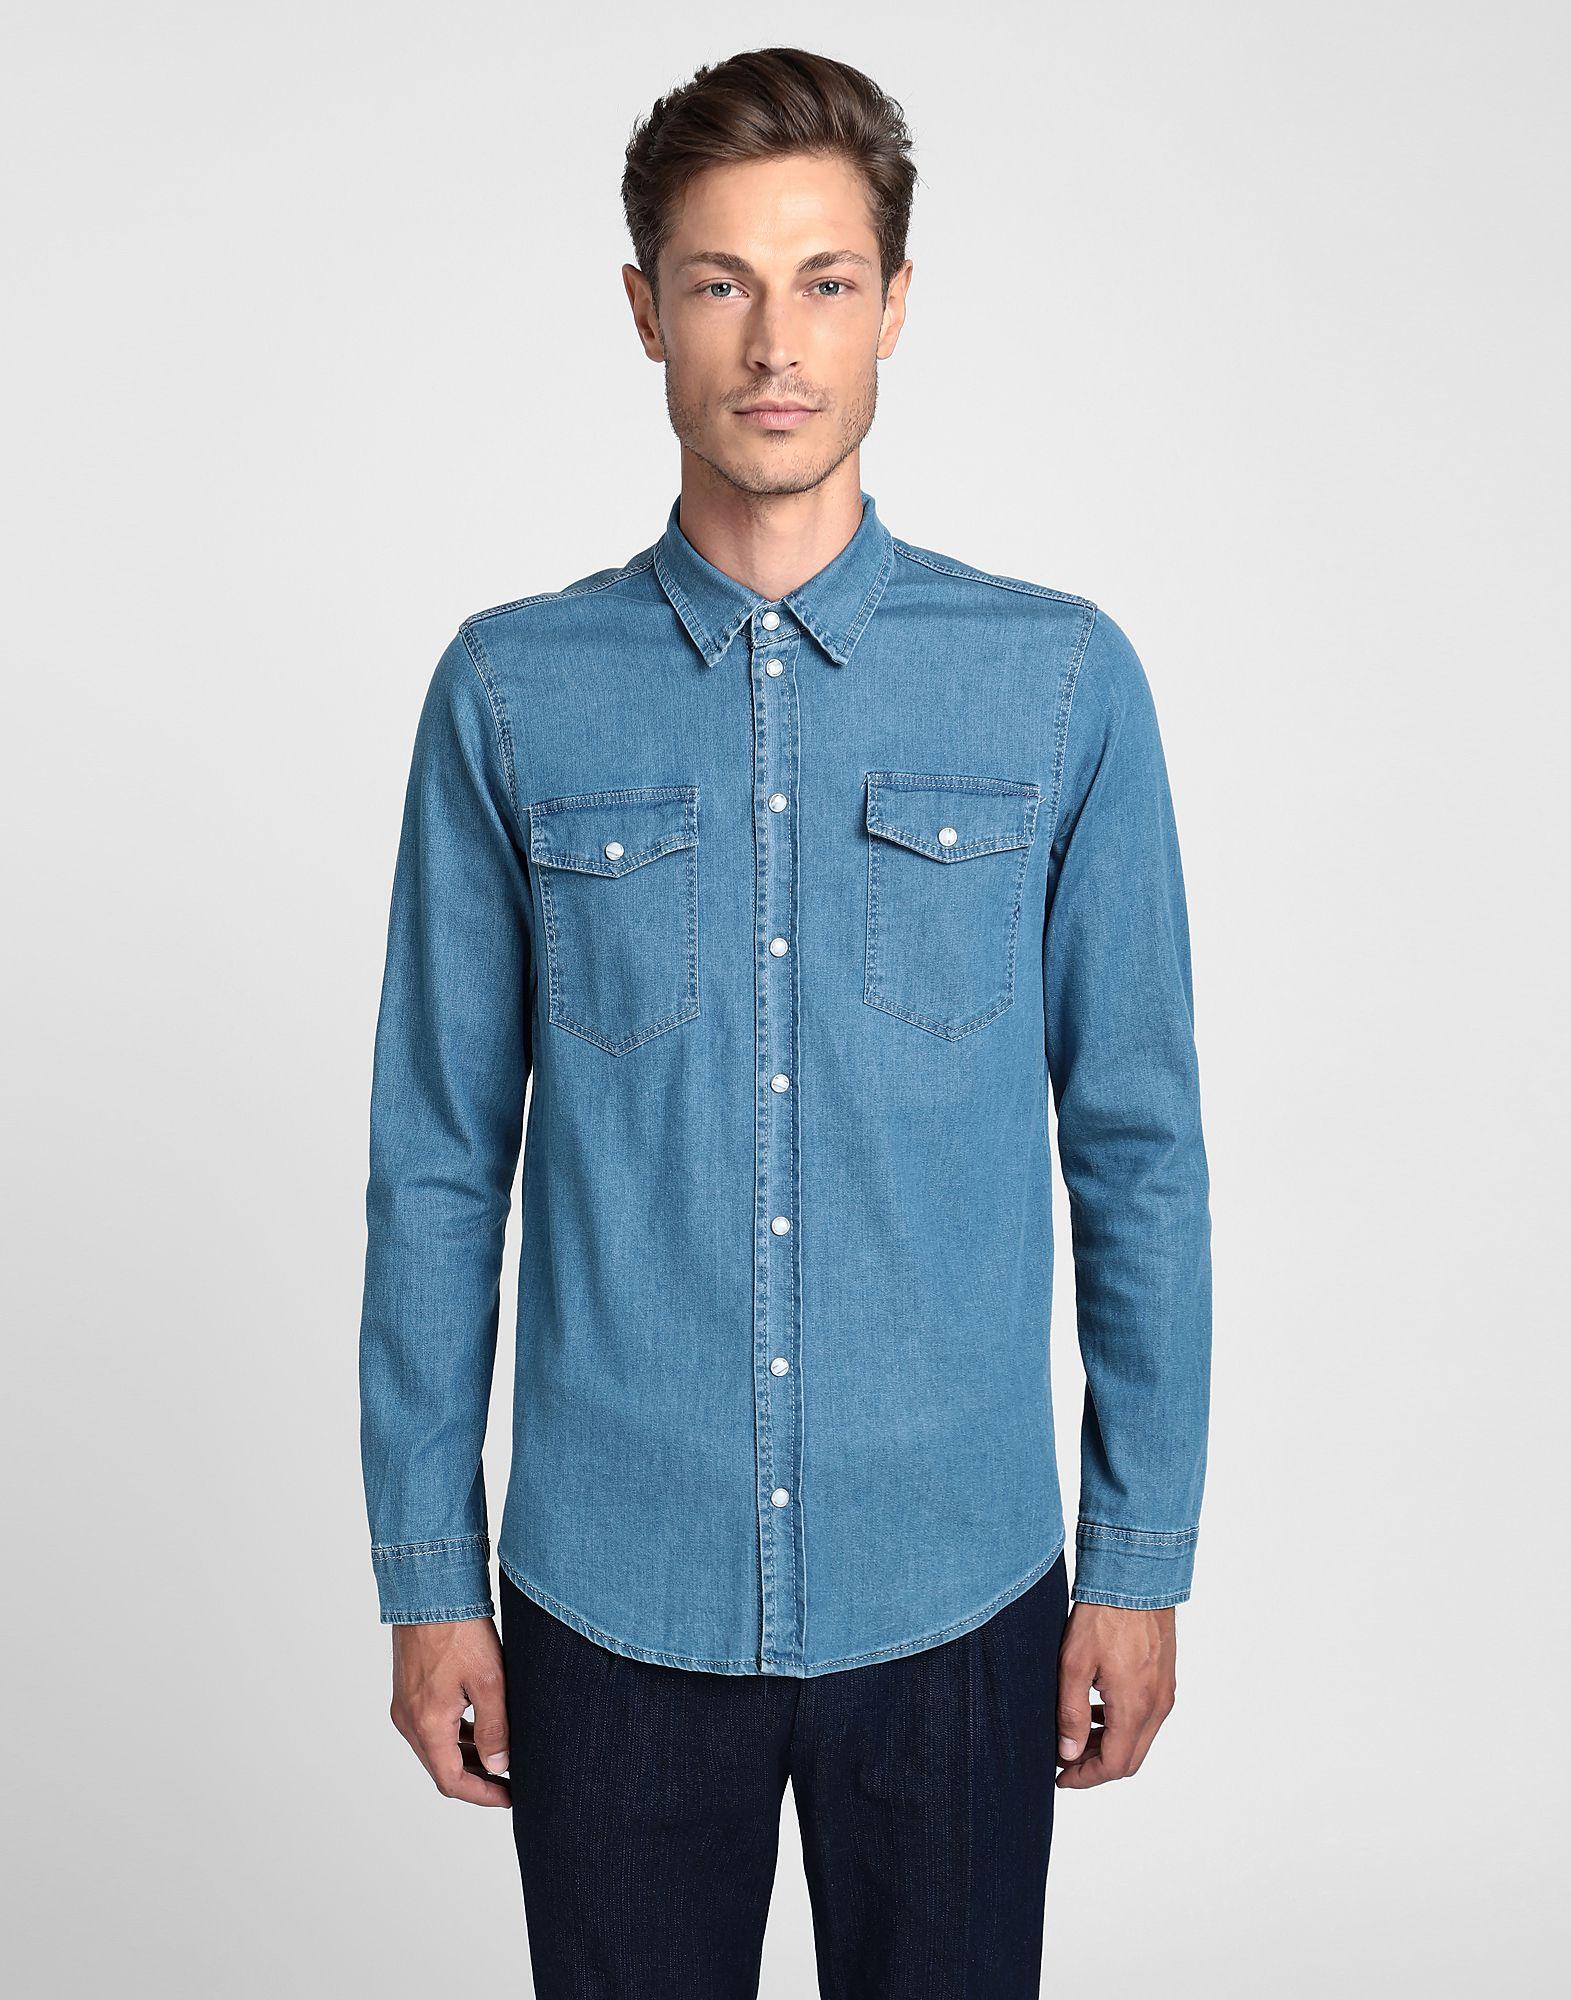 青色デニムシャツの画像